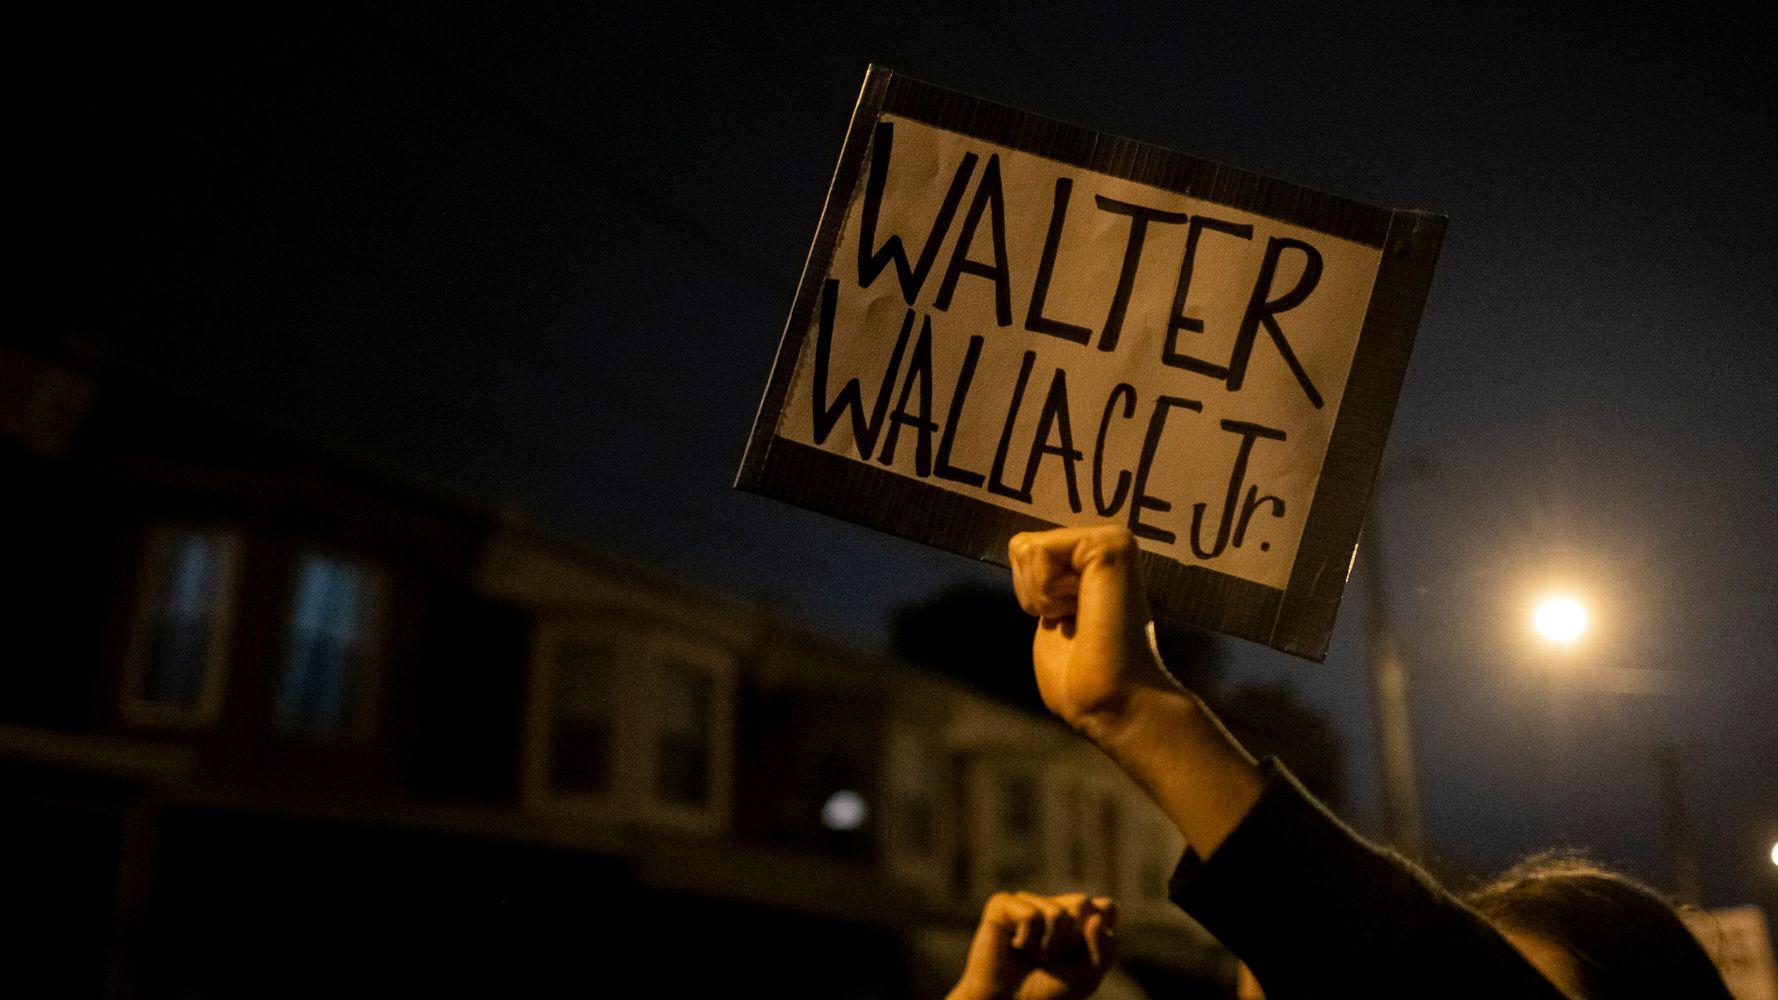 费城警方承诺释放小沃尔特·华莱士. 拍摄影片